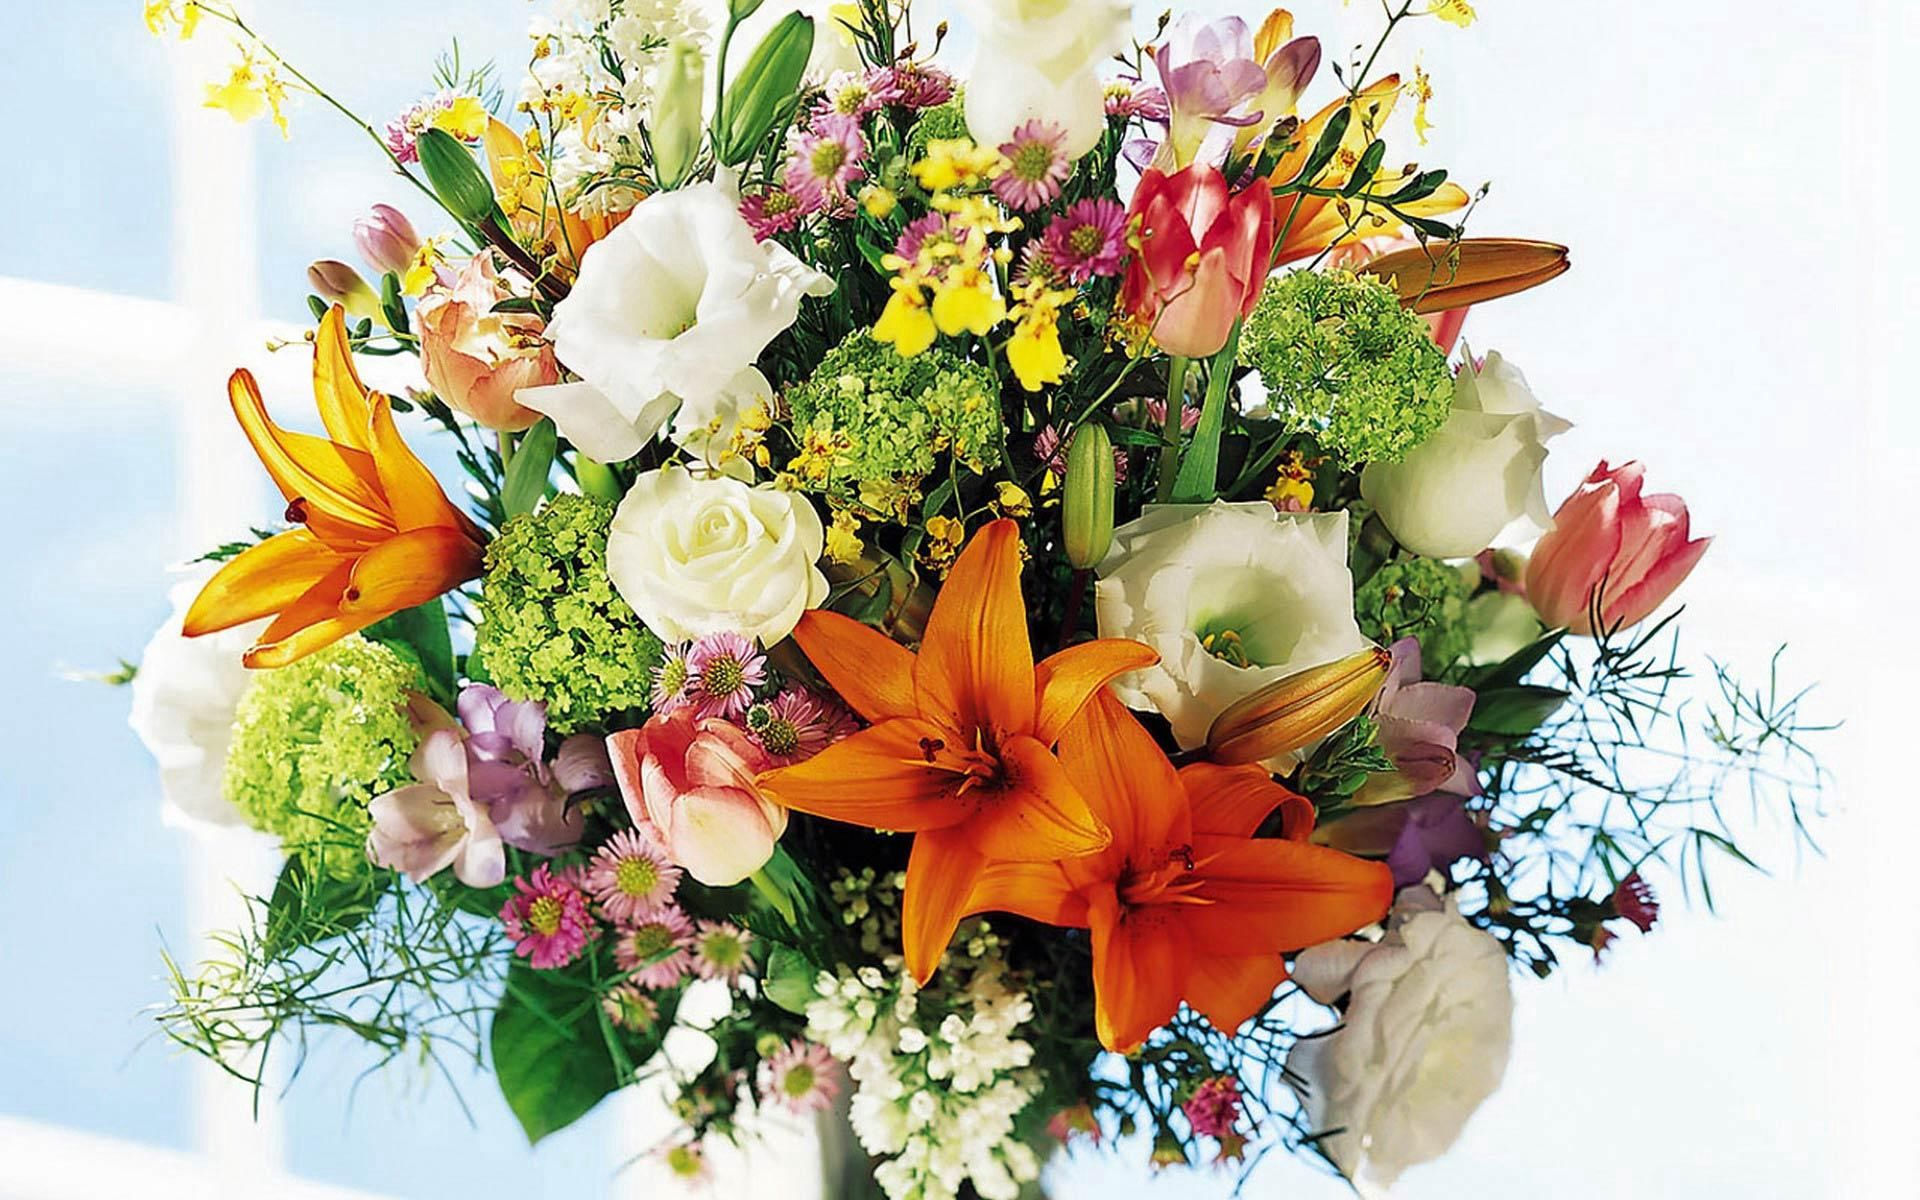 153105 скачать обои Цветы, Лилии, Букет, Окно, Свет, Розы - заставки и картинки бесплатно